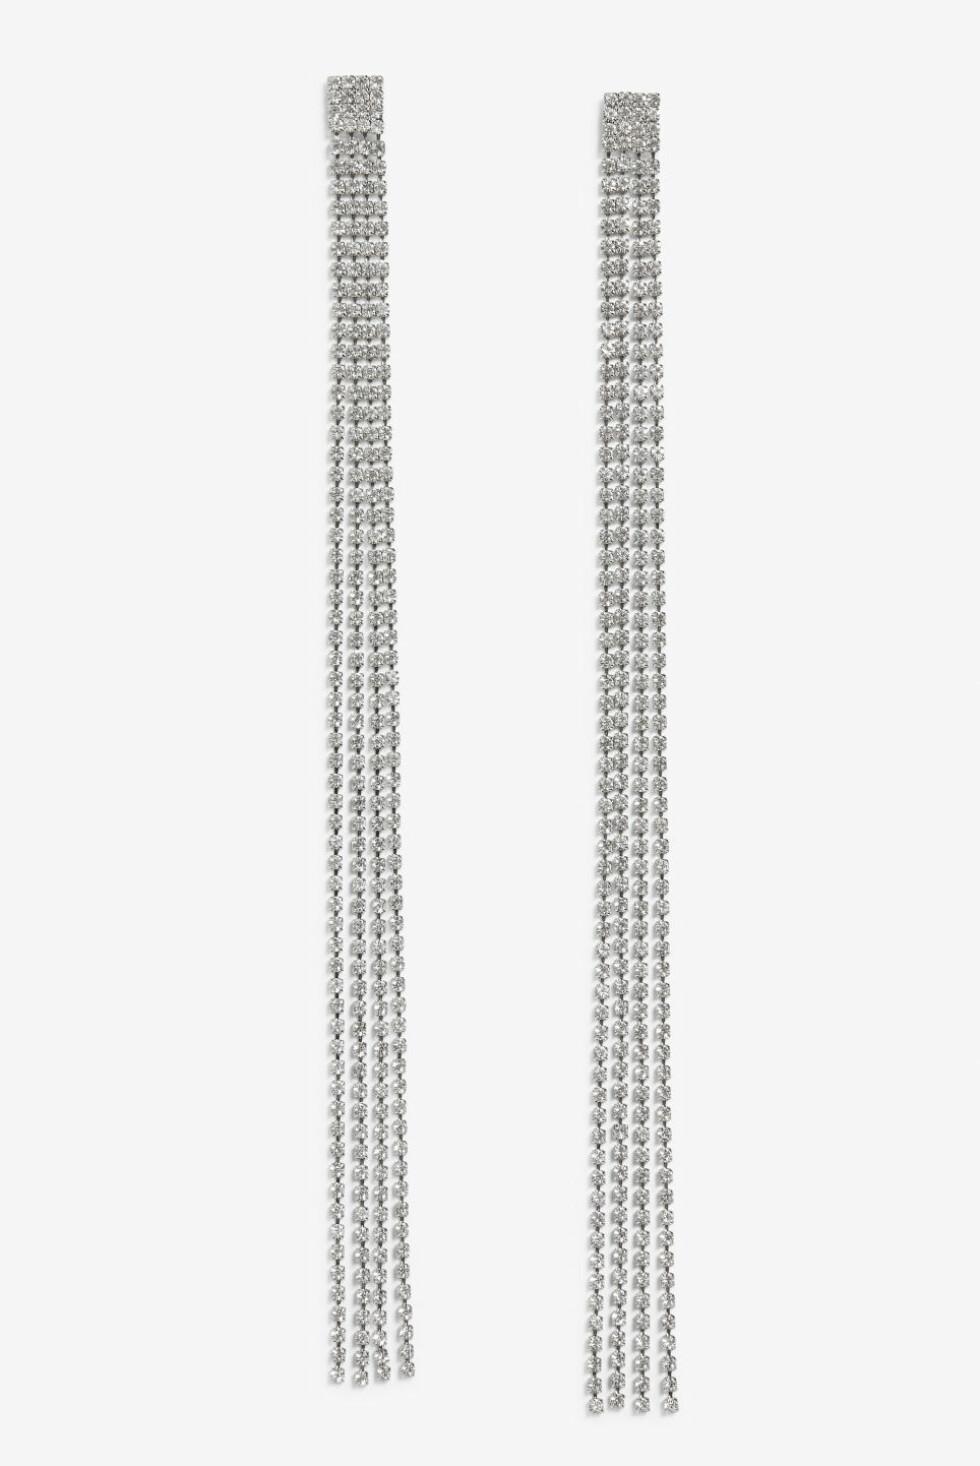 Øredobber fra Monki  100,- https://www.monki.com/en_sek/accessories/view-all-accessories/product.long-strass-earrings-silvery-metallic.0705290001.html